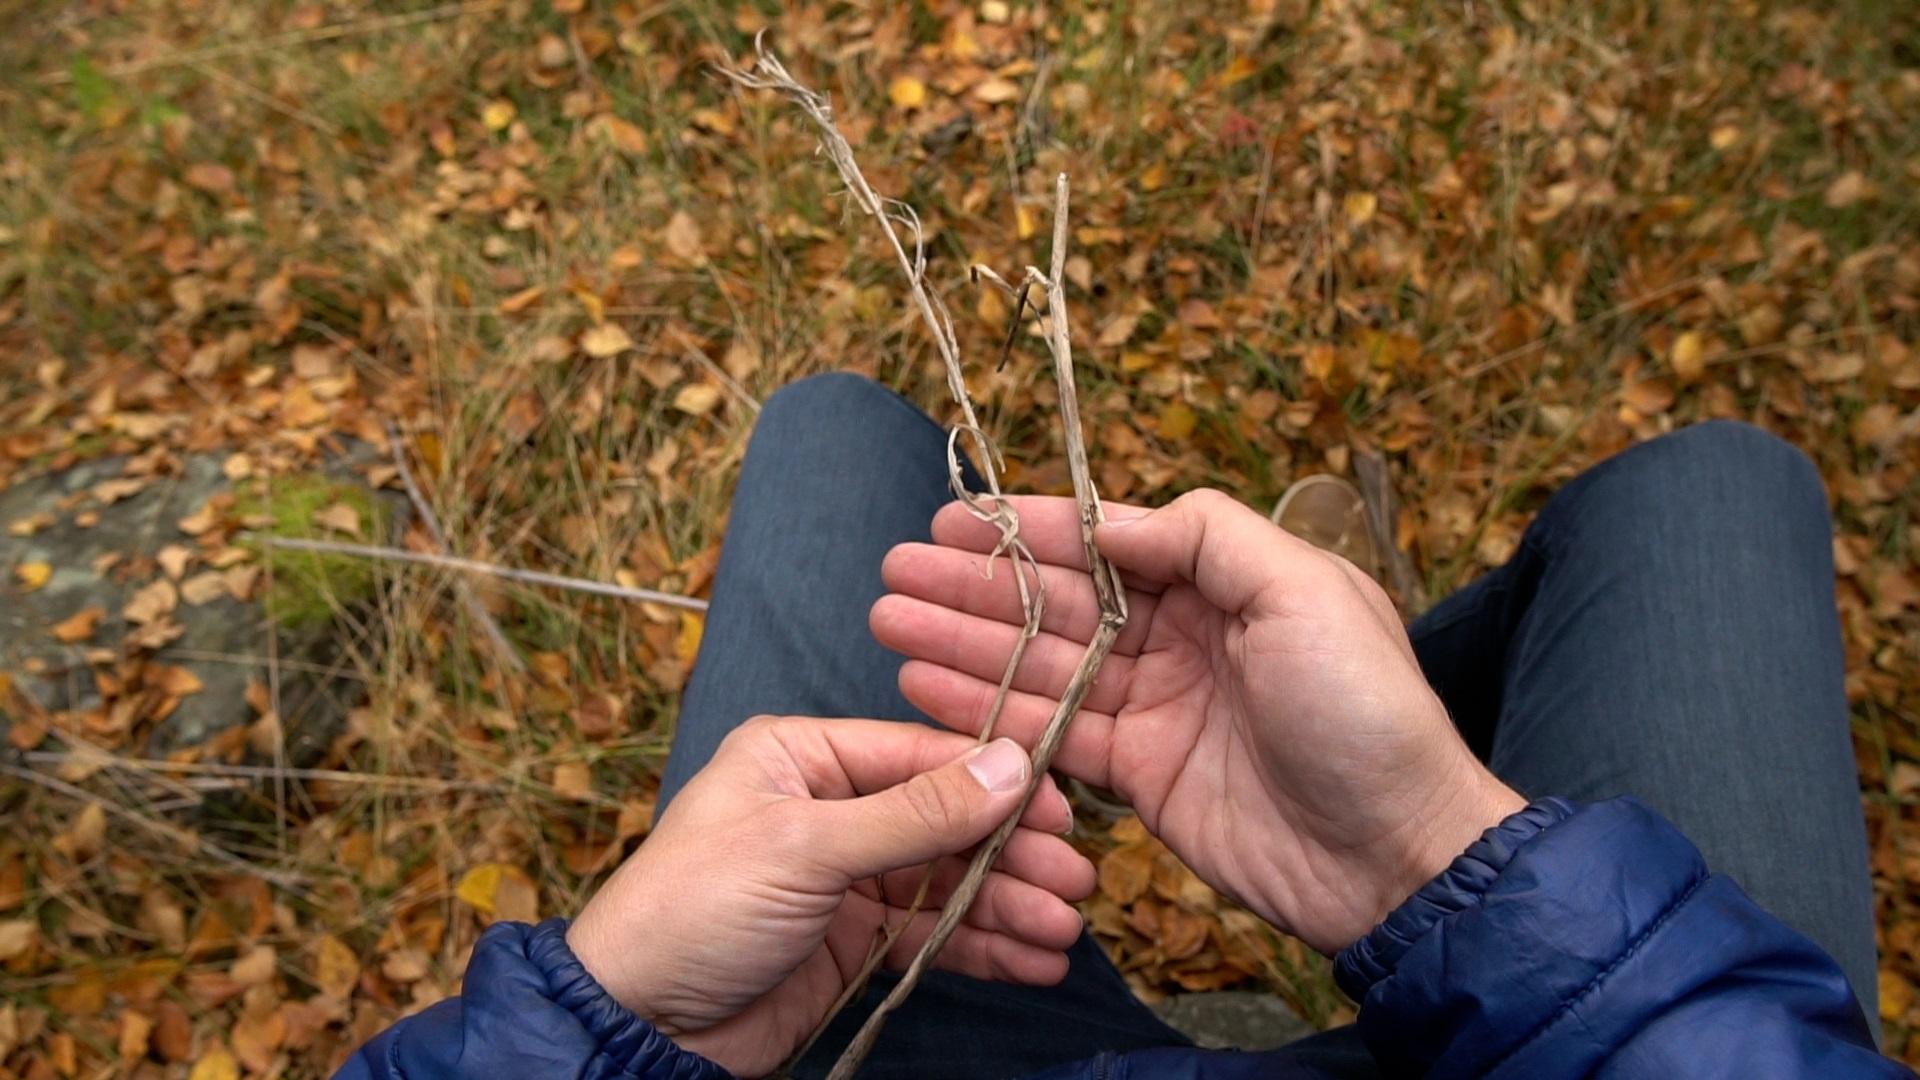 Mies pitelee kuivuneita oksia käsissään